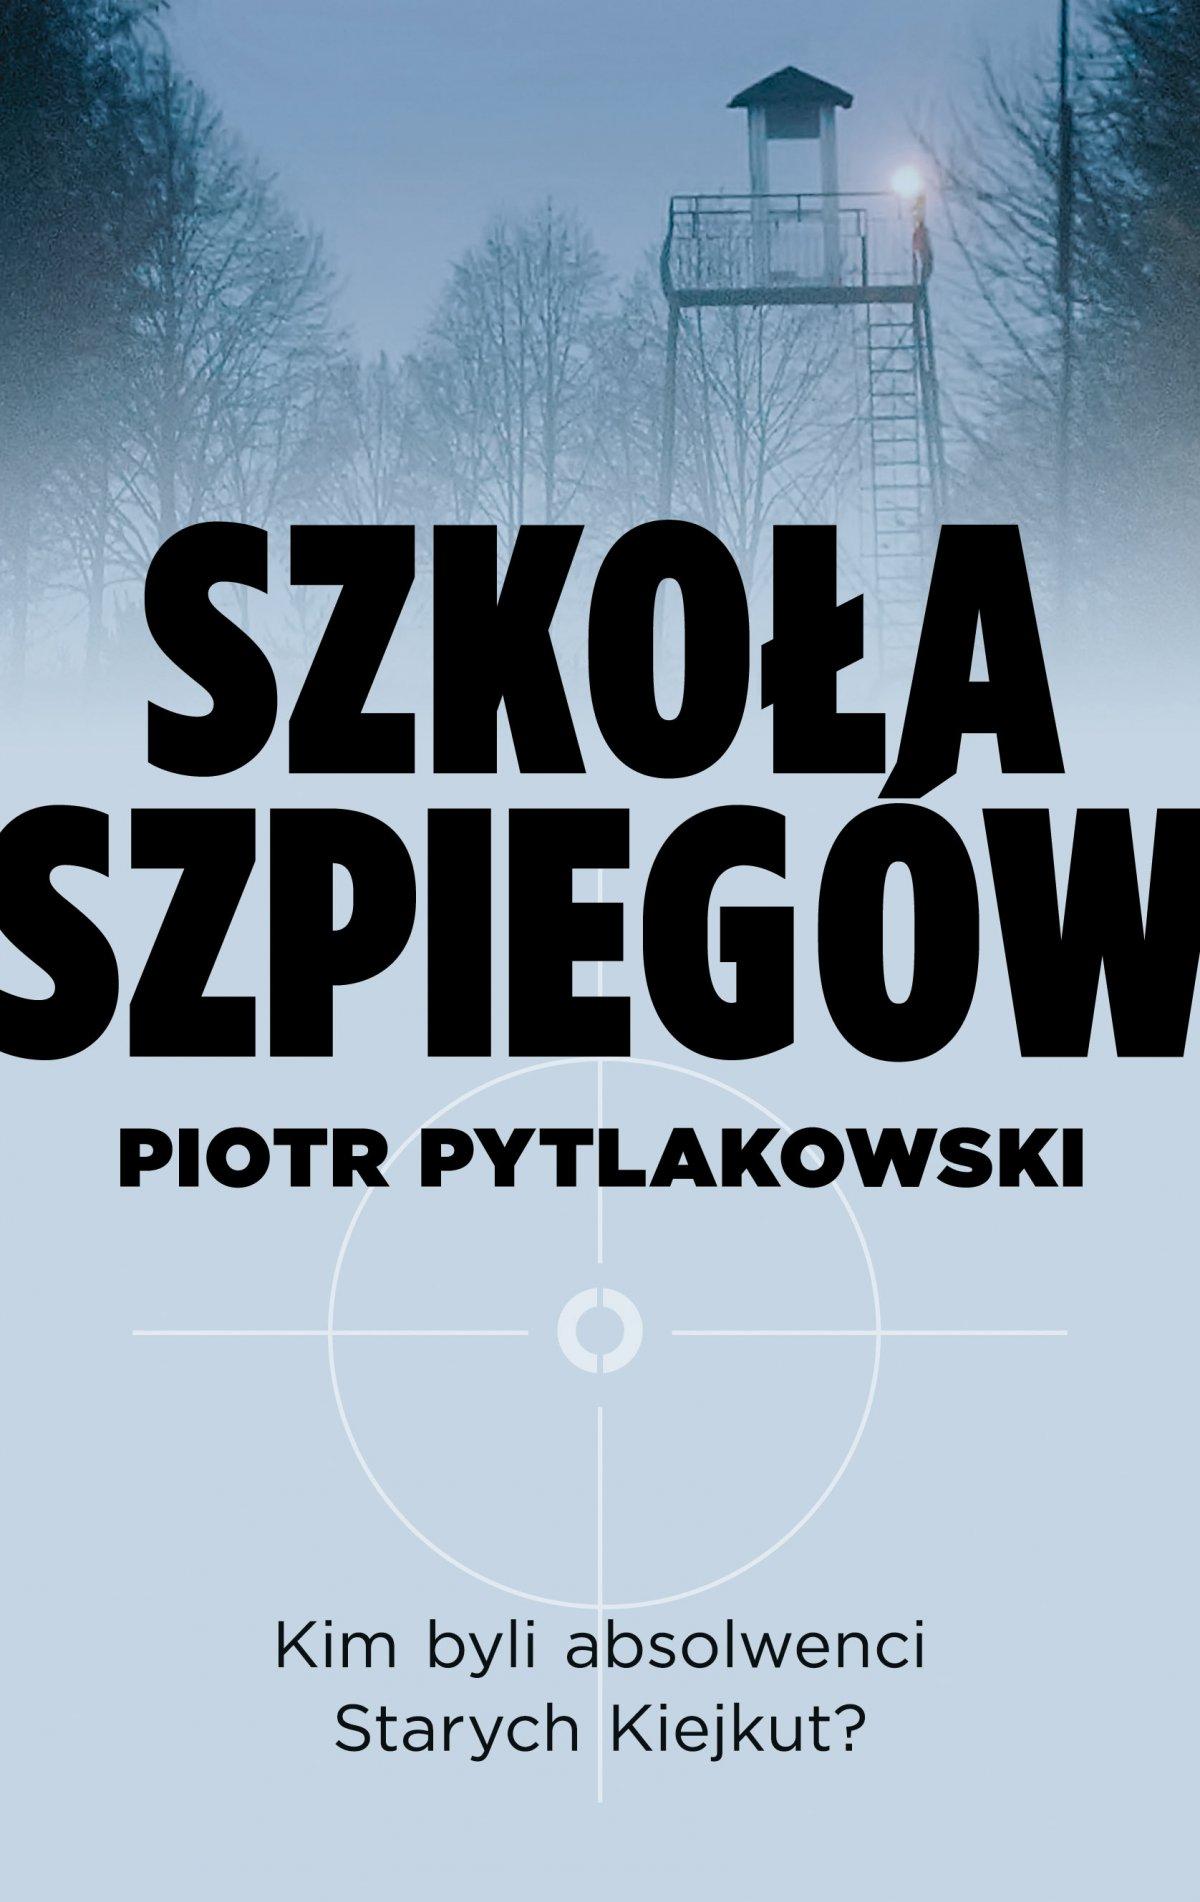 Szkoła szpiegów - Ebook (Książka EPUB) do pobrania w formacie EPUB